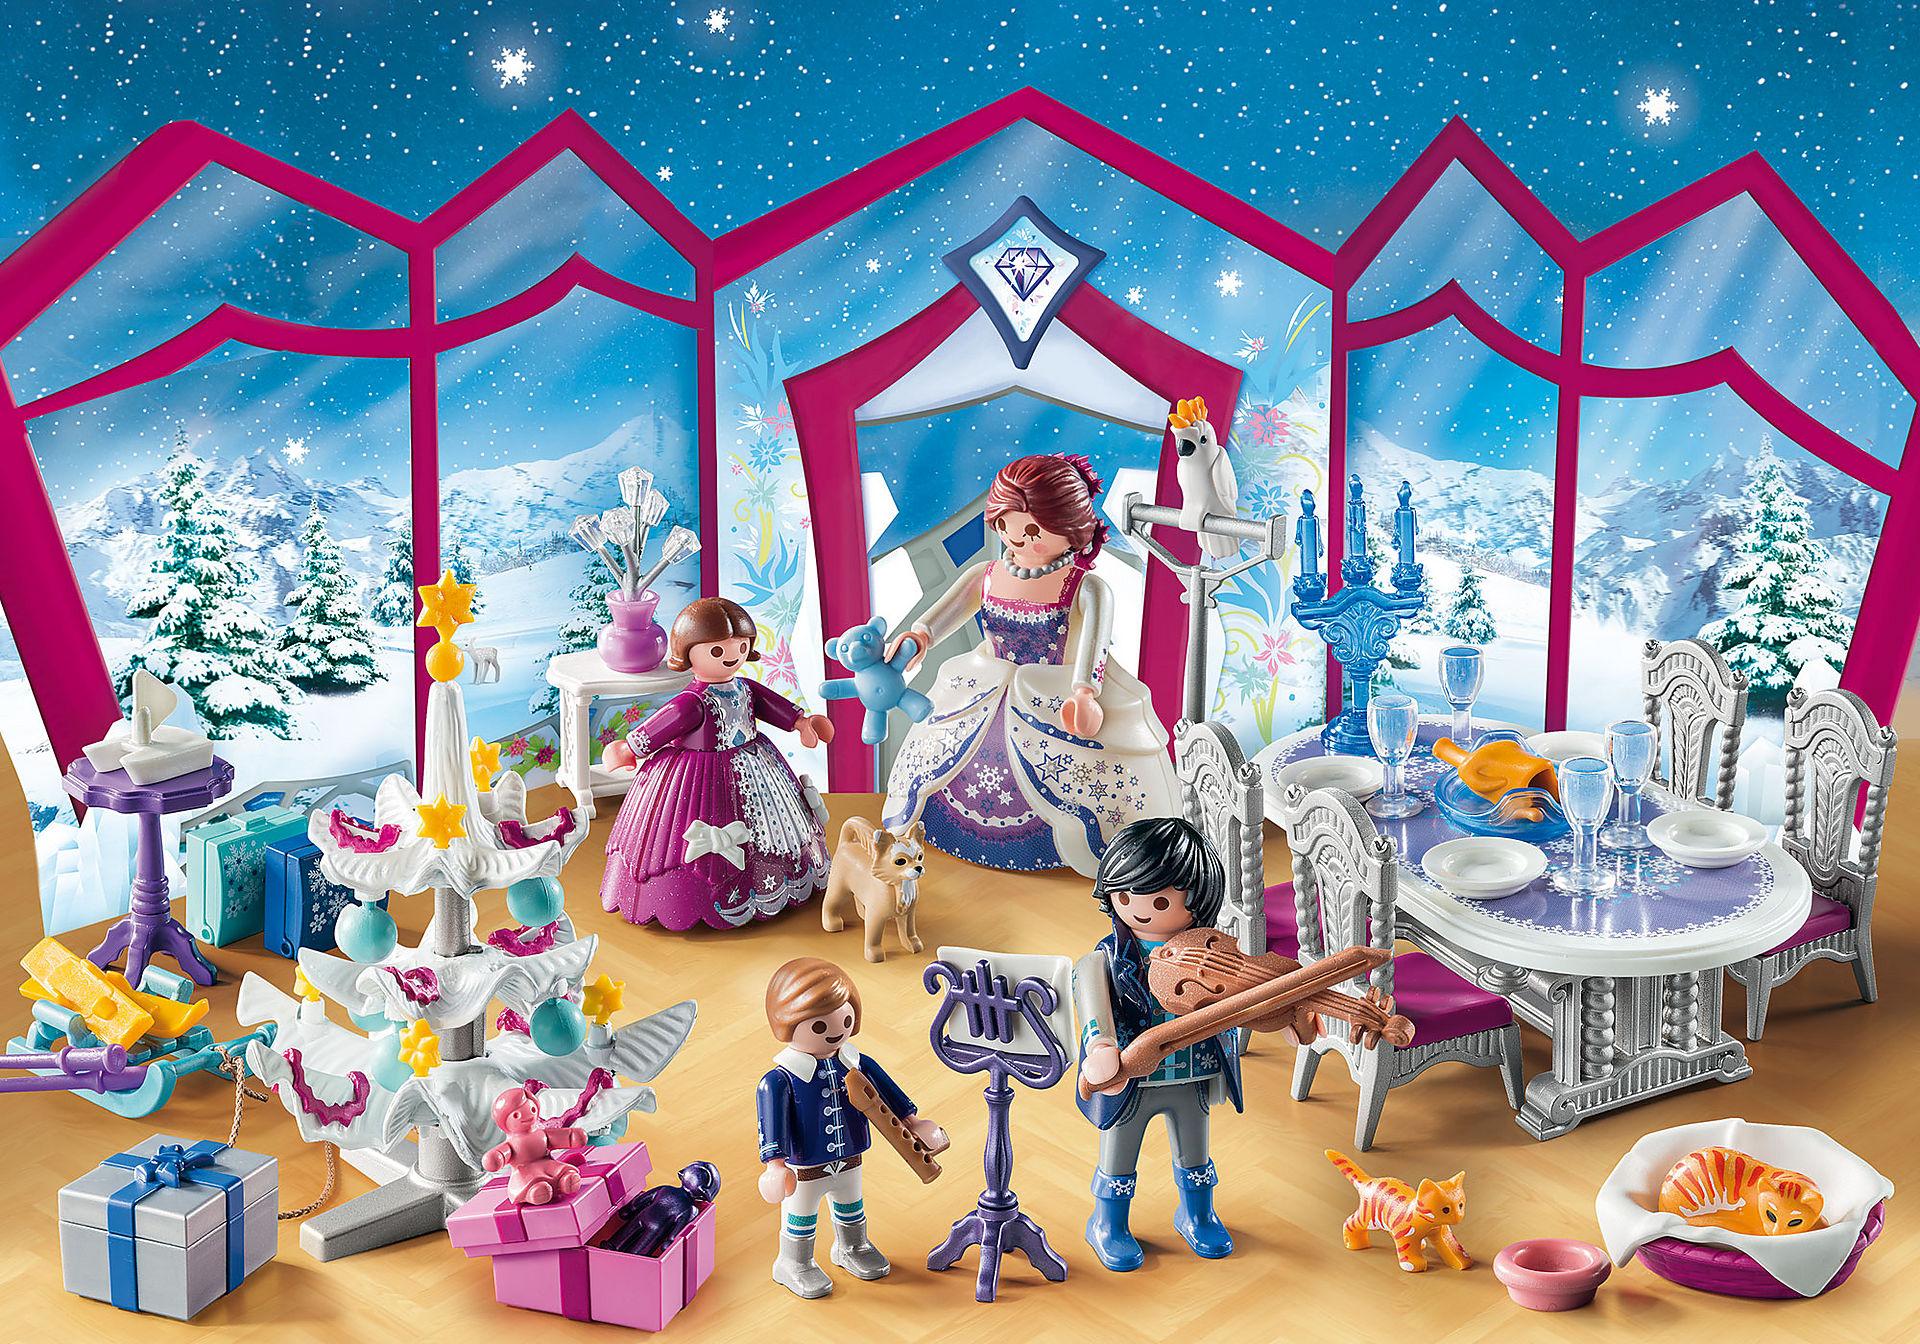 9485 Adventskalender Weihnachtsball im Krist zoom image4